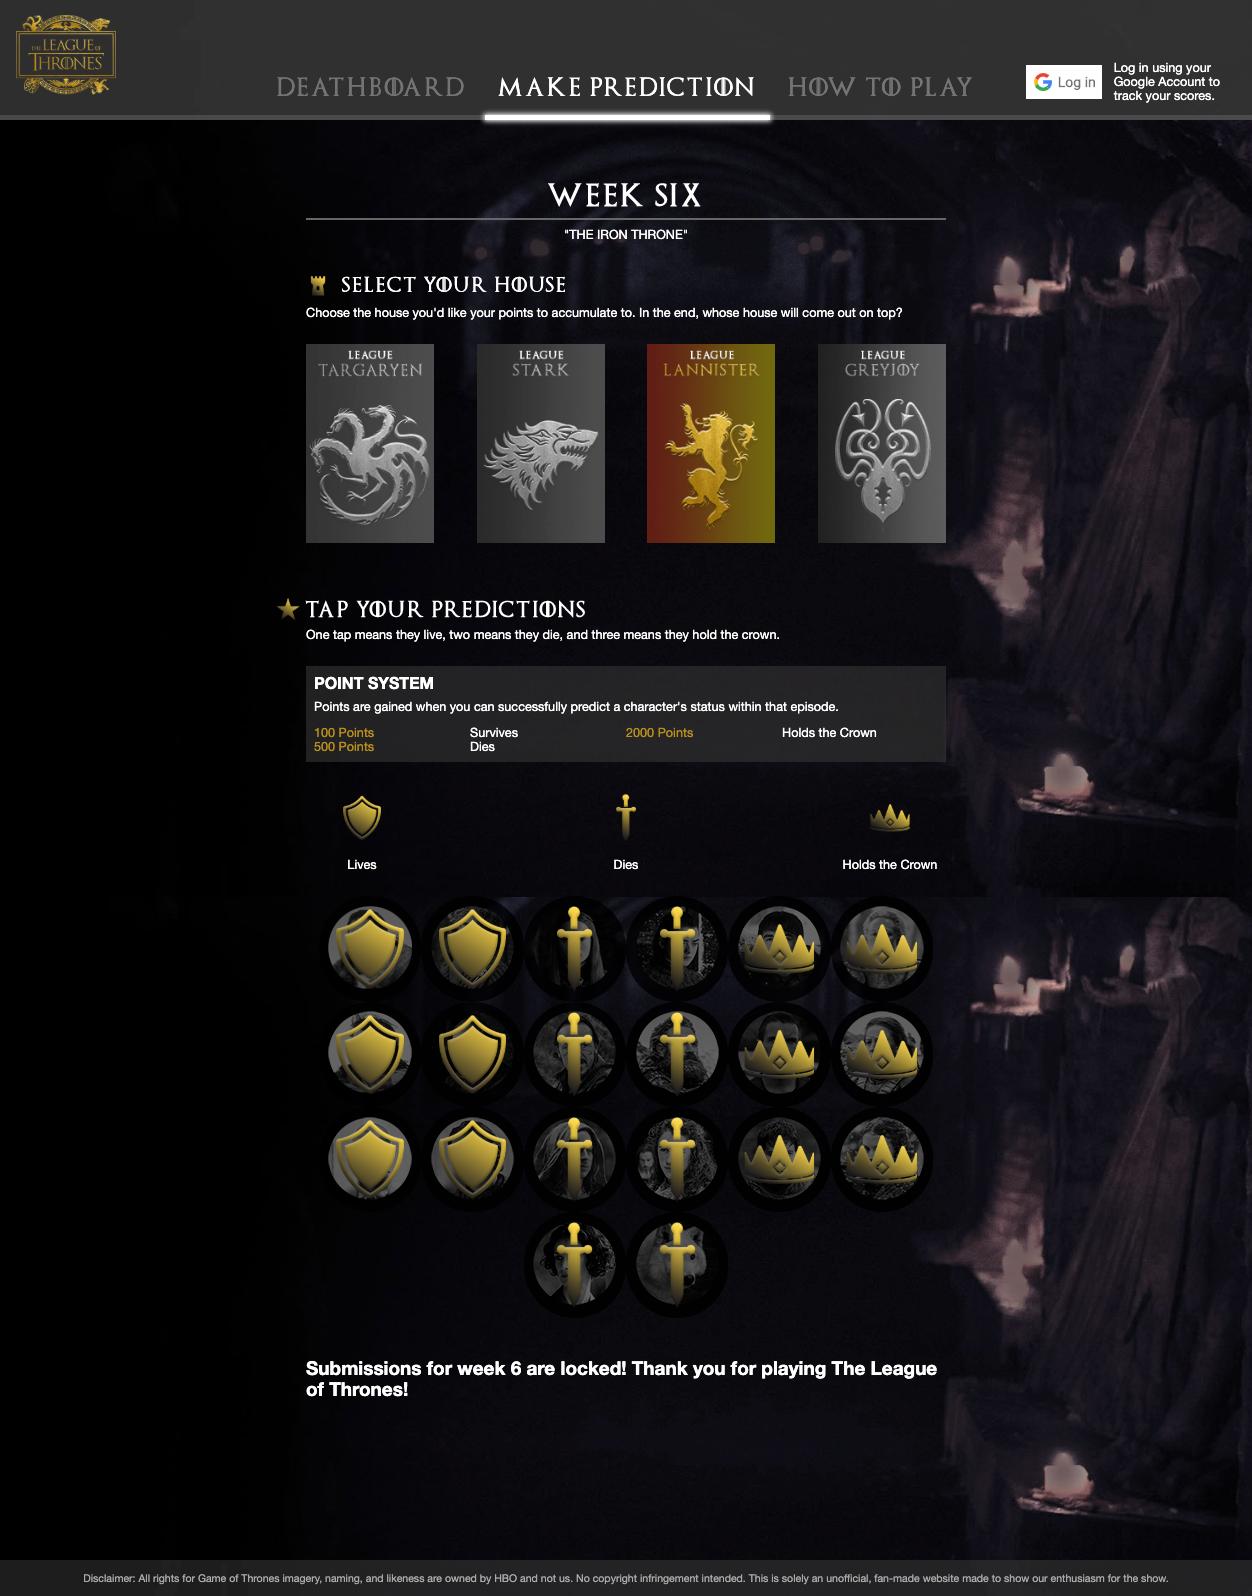 League of Thrones Unofficial Final Season Fantasy League 5